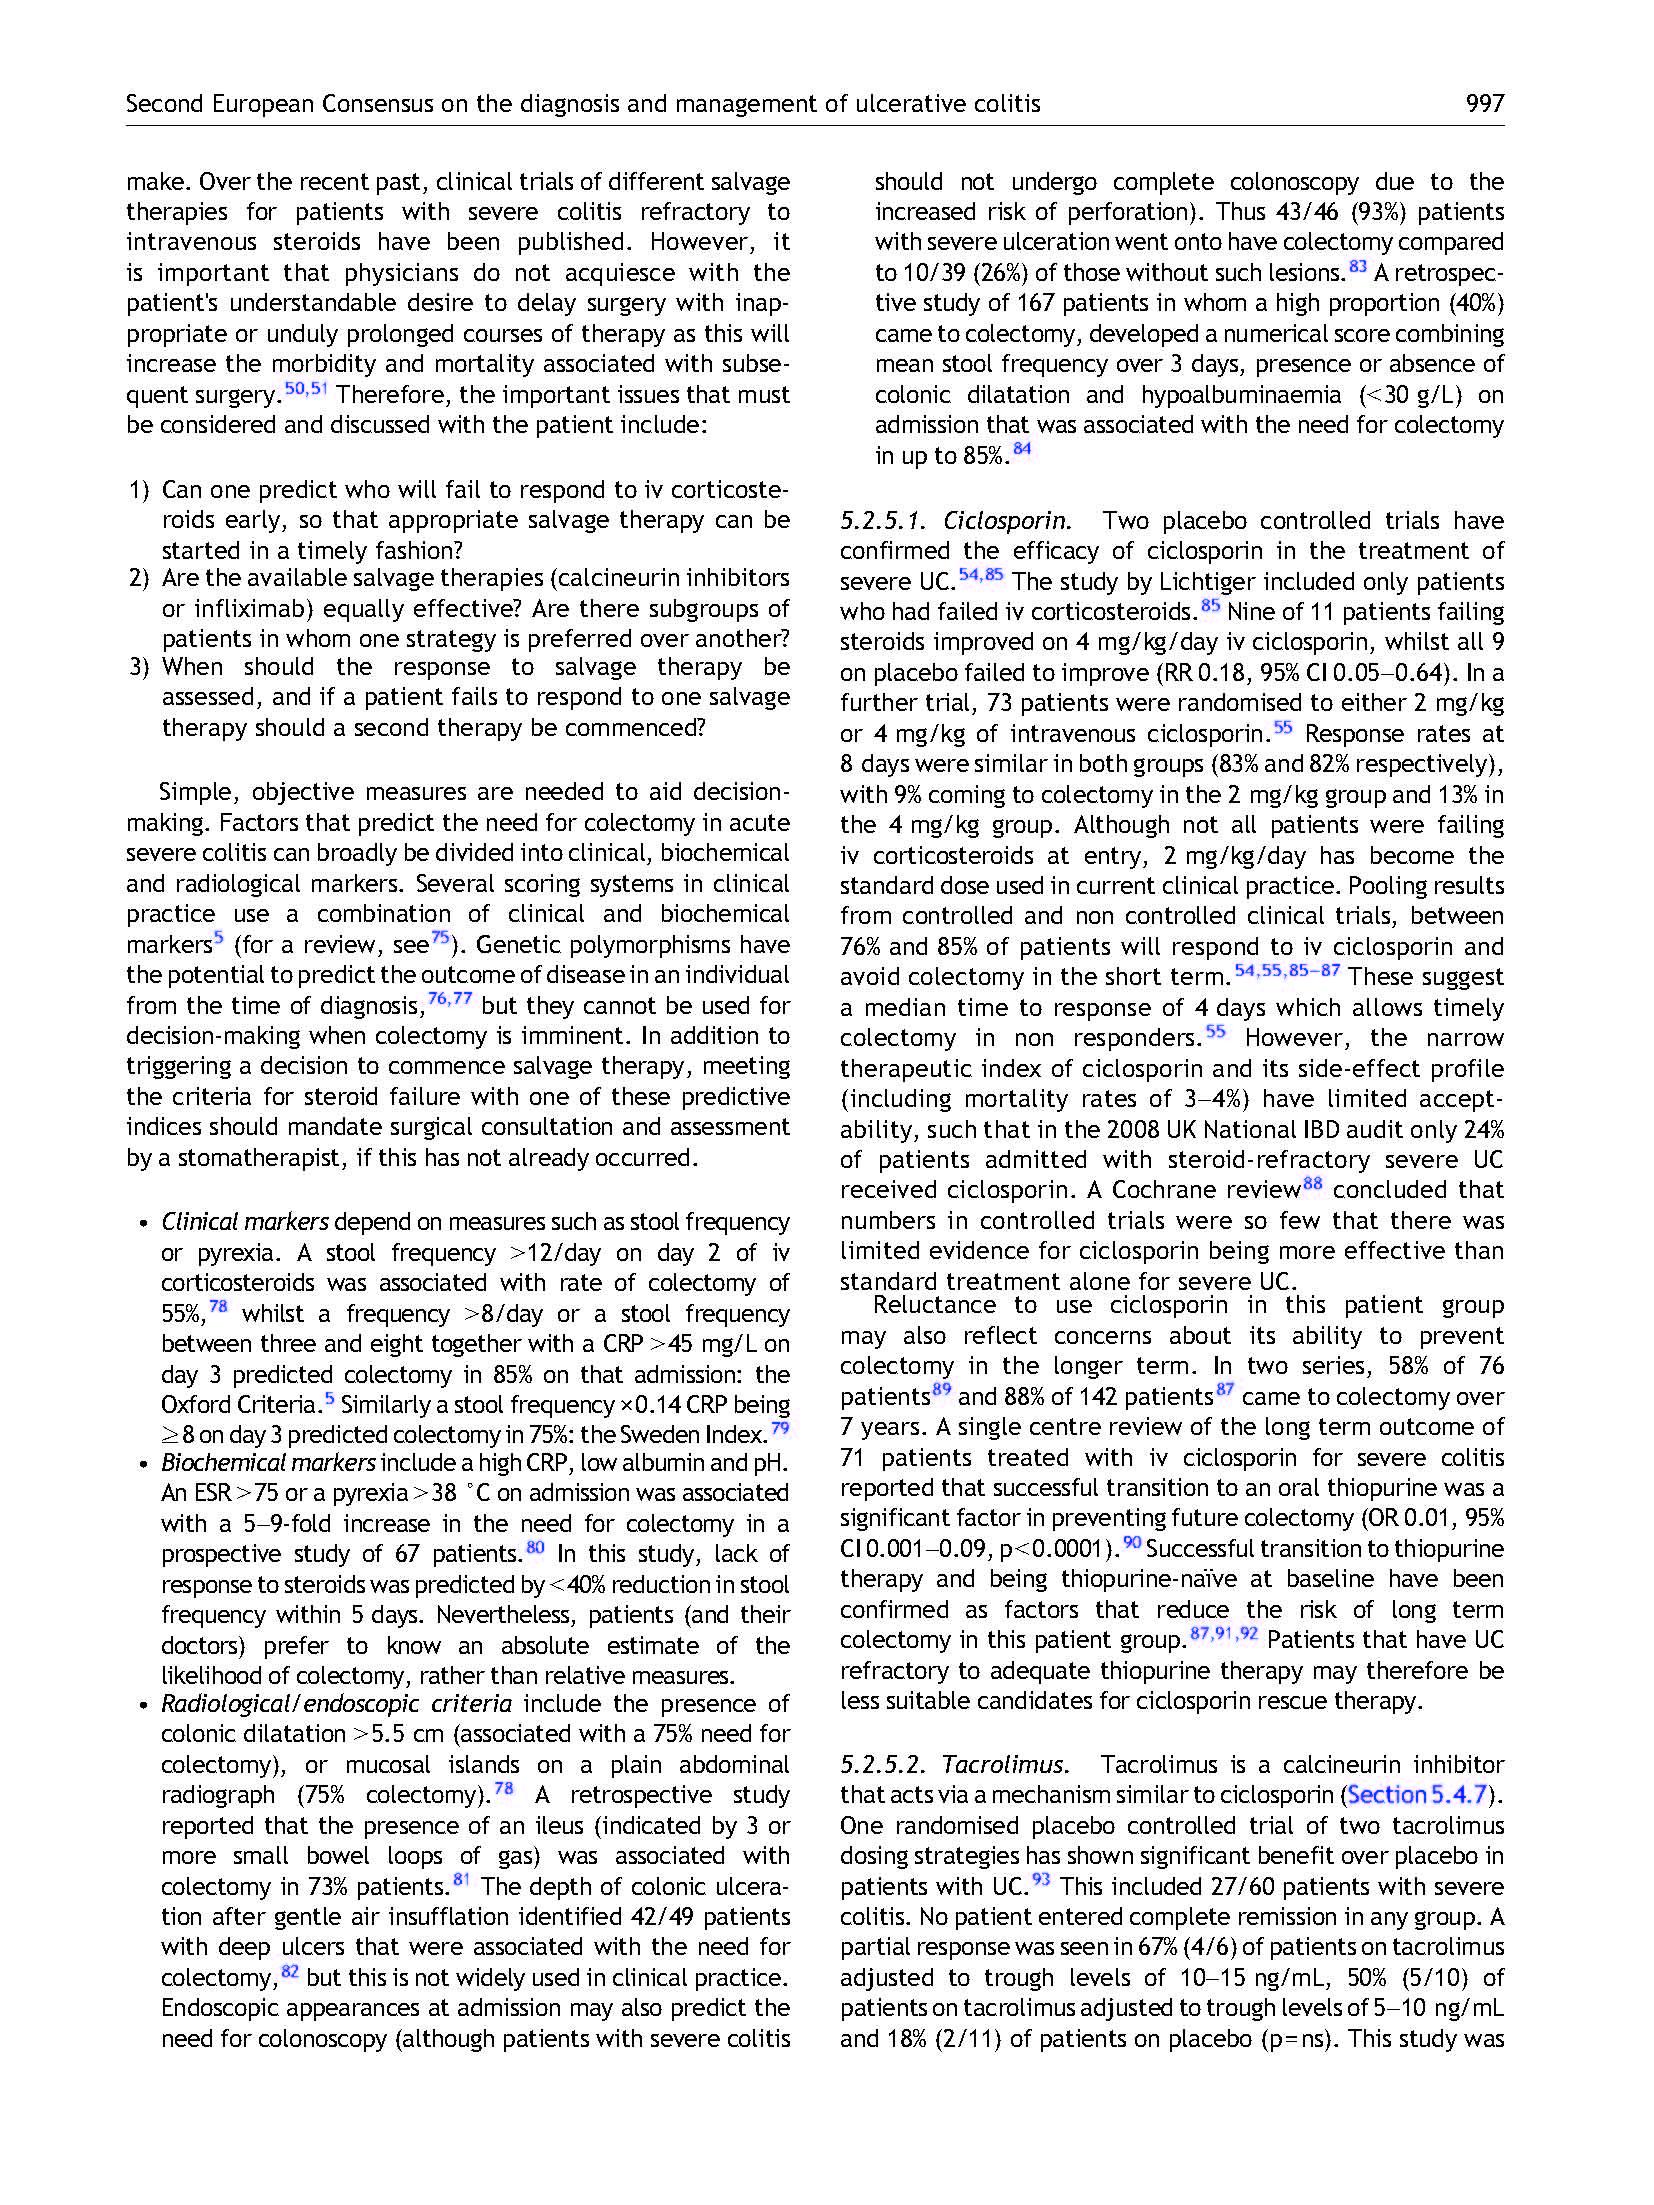 2012-ECCO第二版-欧洲询证共识:溃疡性结肠炎的诊断和处理—日常处理_页面_07.jpg